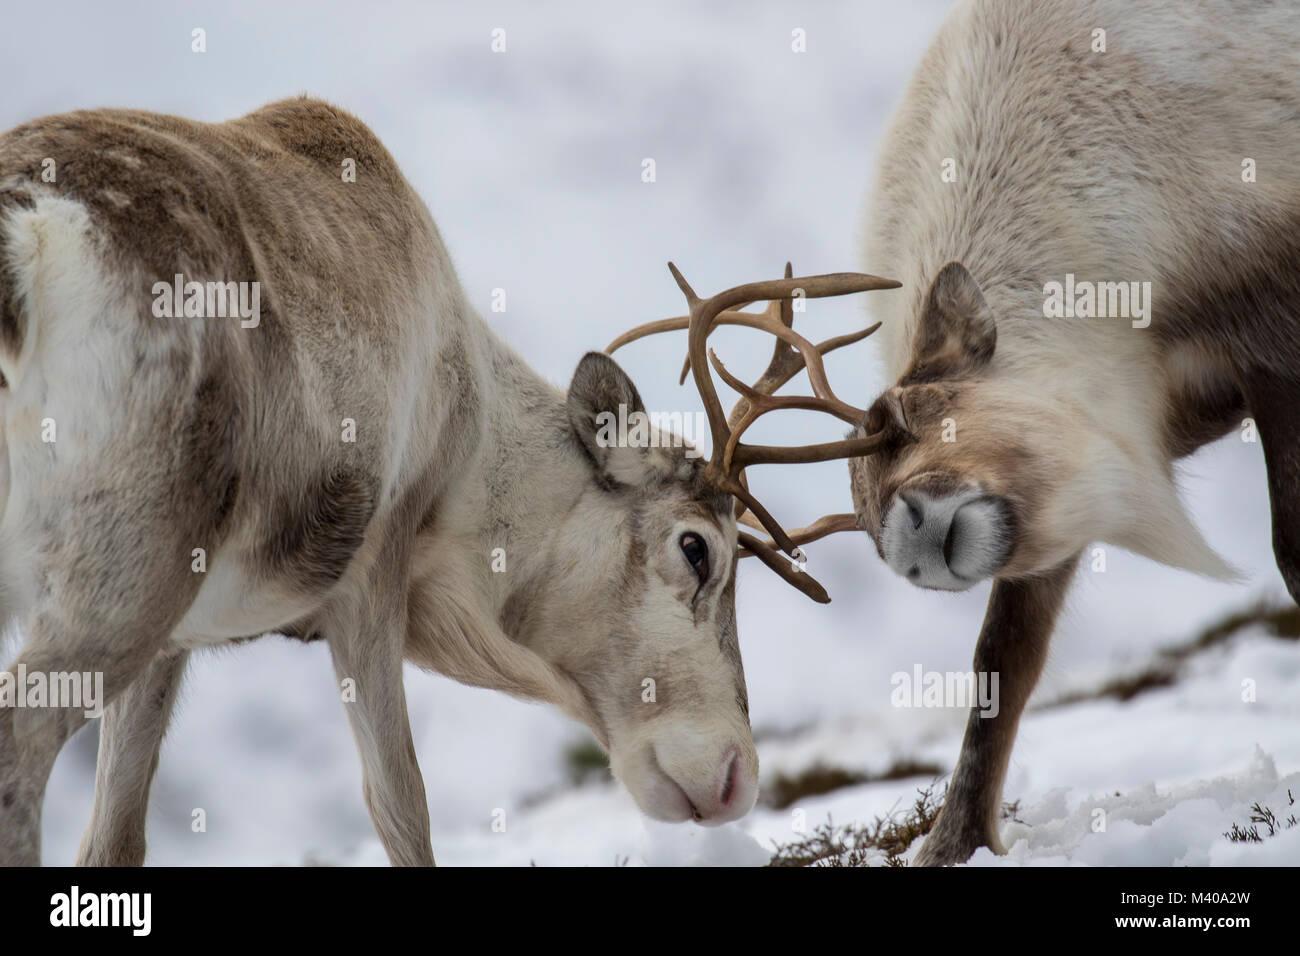 Renne, Rangifer tarandus, pâturage, de nourriture dans la neige sur un jour venteux hivers froid sur une colline Photo Stock